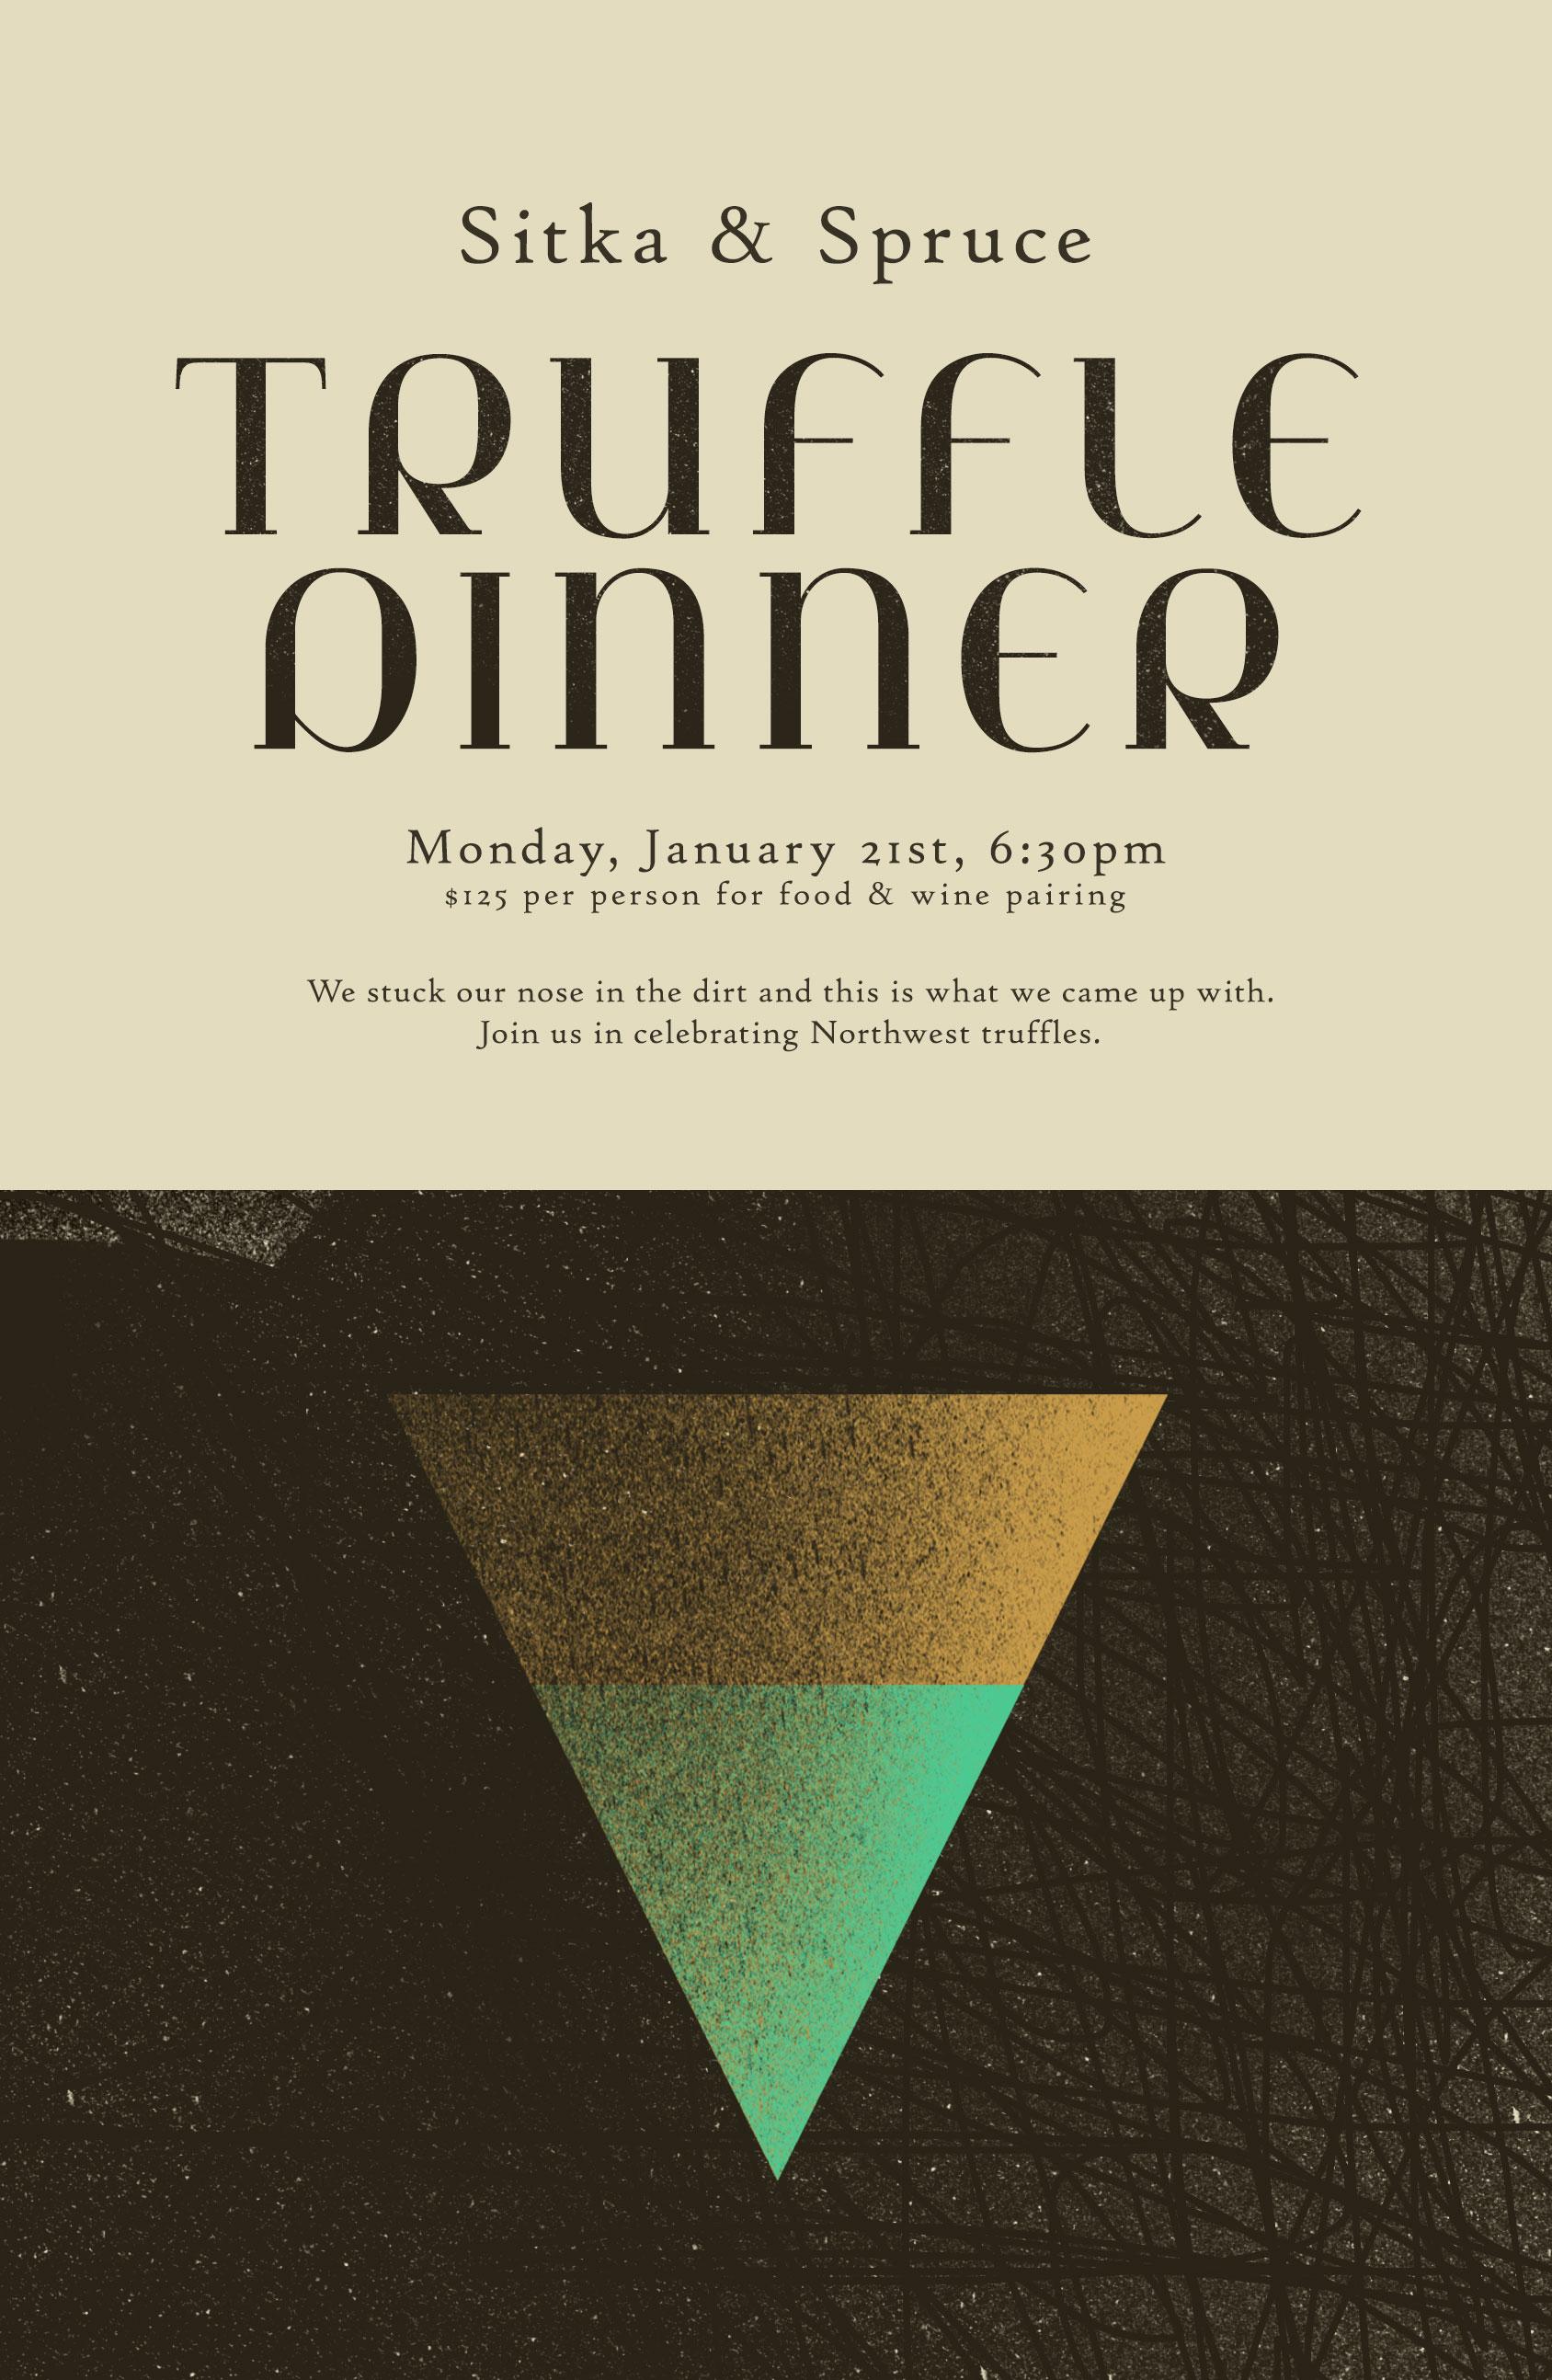 SS-Truffle-Dinner-Image.jpg